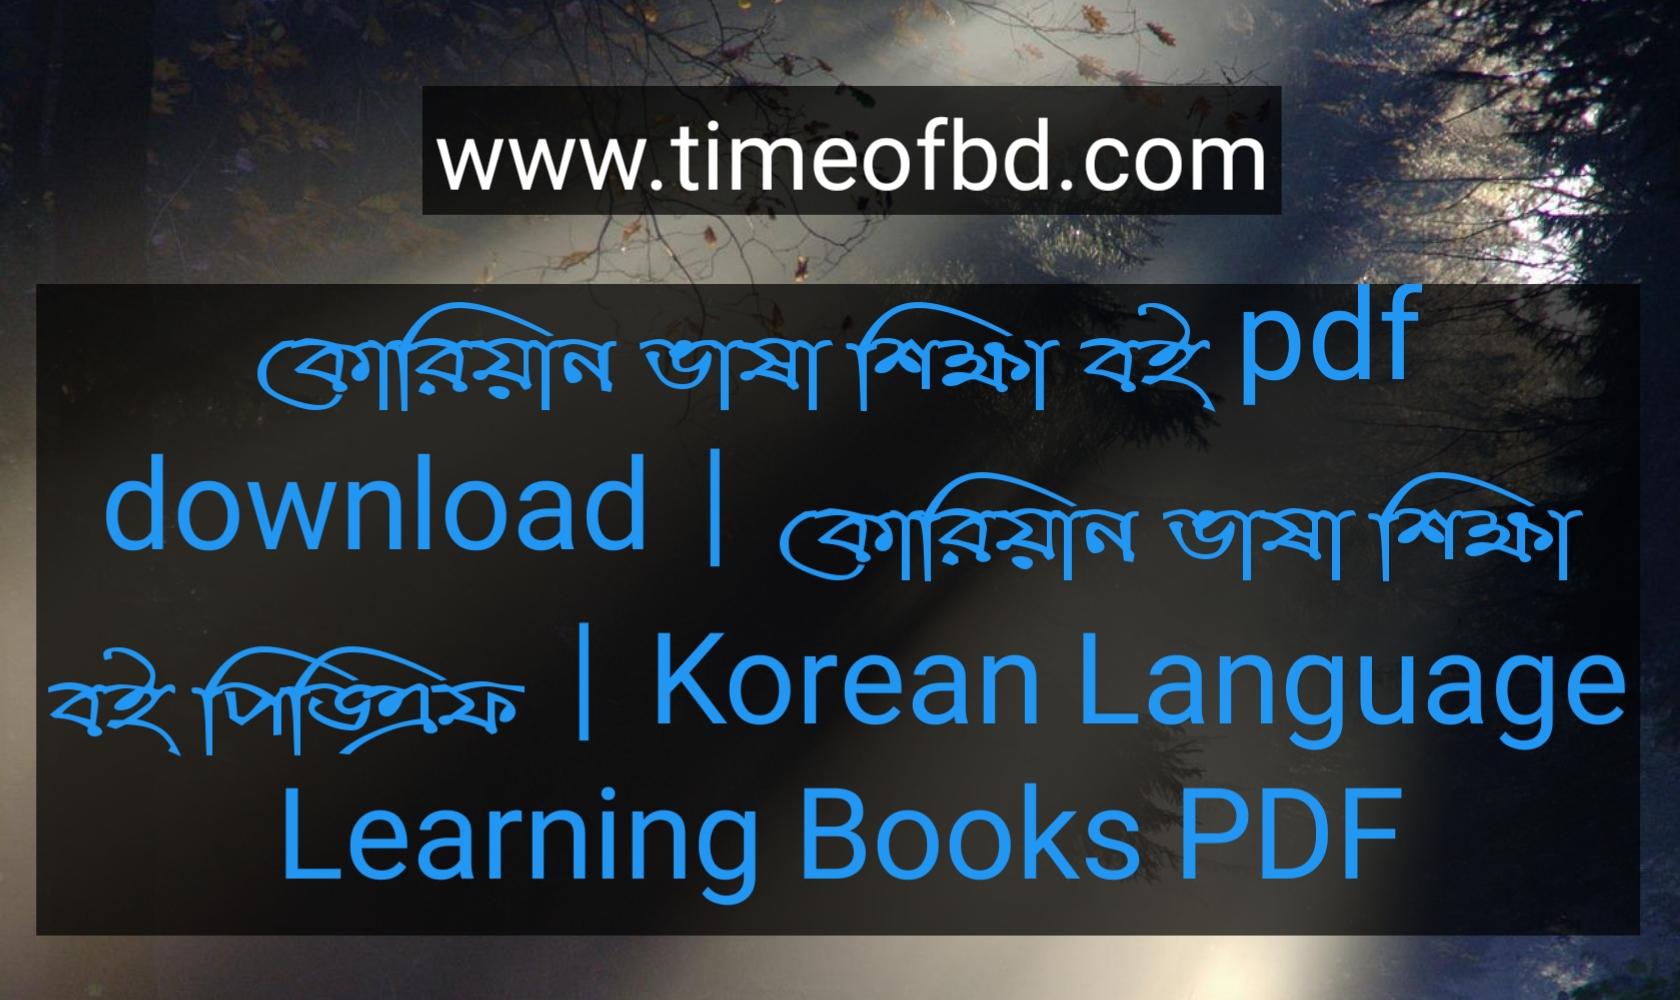 কোরিয়ান ভাষা শিক্ষা বই pdf download, কোরিয়ান ভাষা শিক্ষা বই পিডিএফ, কোরিয়ান ভাষা শিক্ষা বই পিডিএফ ডাউনলোড, কোরিয়ান ভাষা শিক্ষা বই pdf,